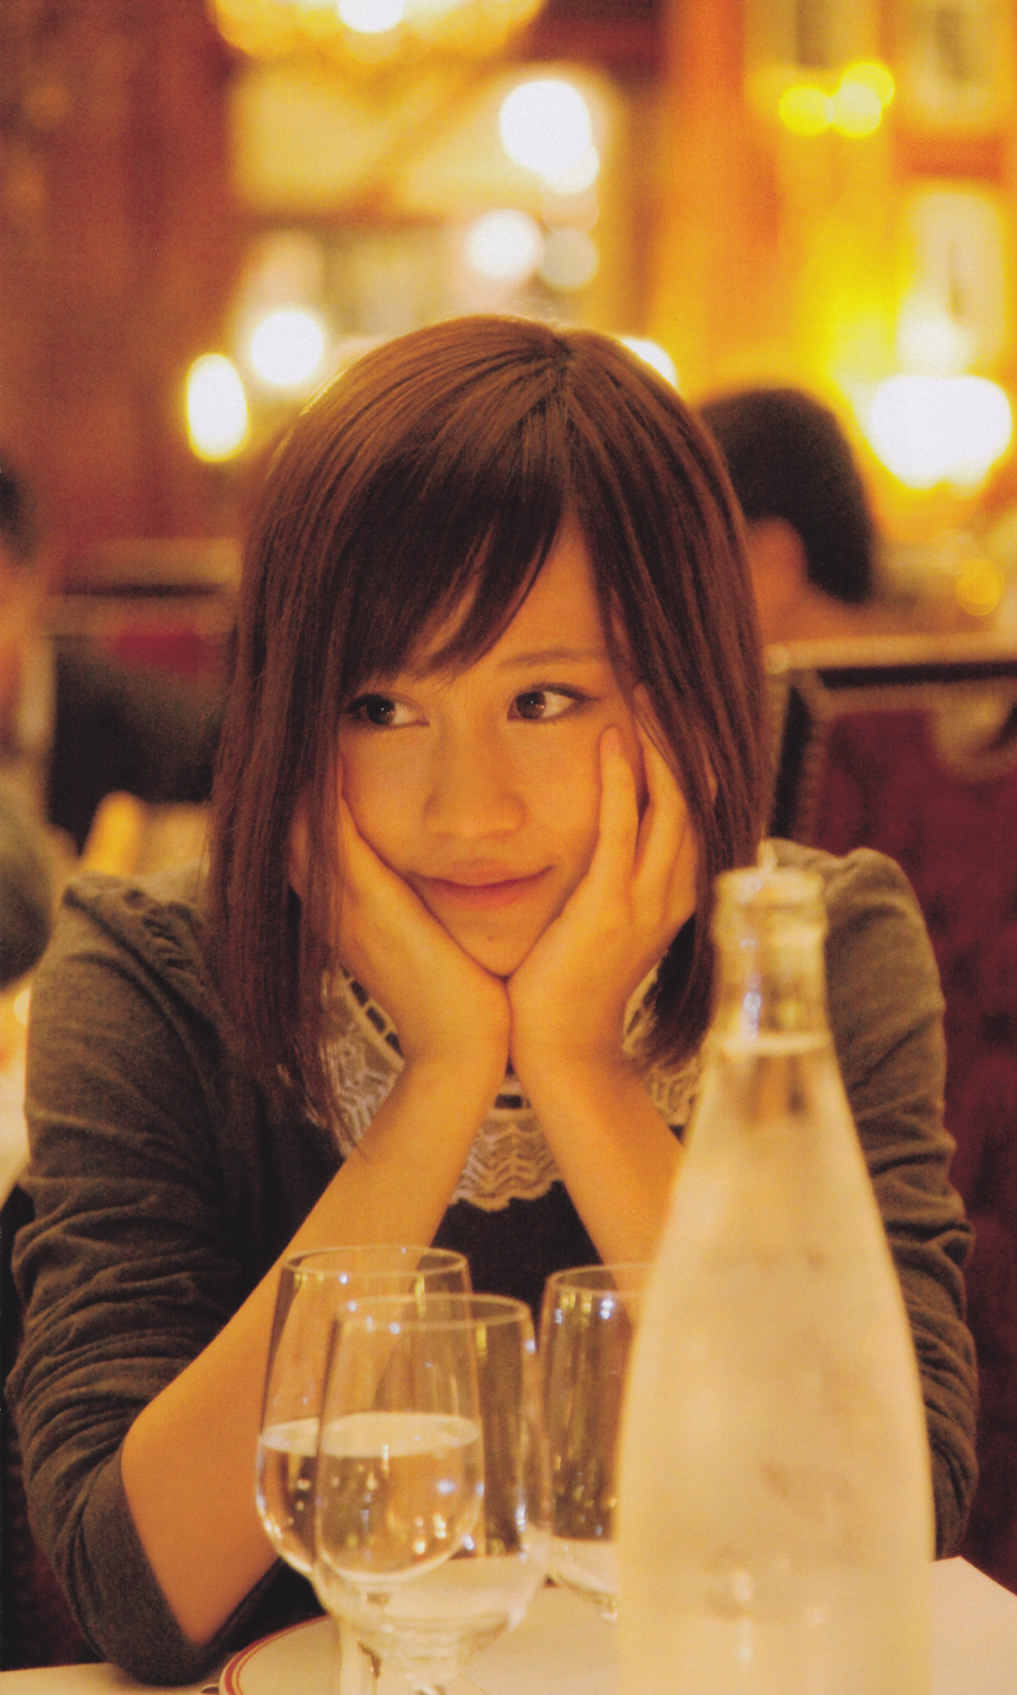 前田敦子 画像 54